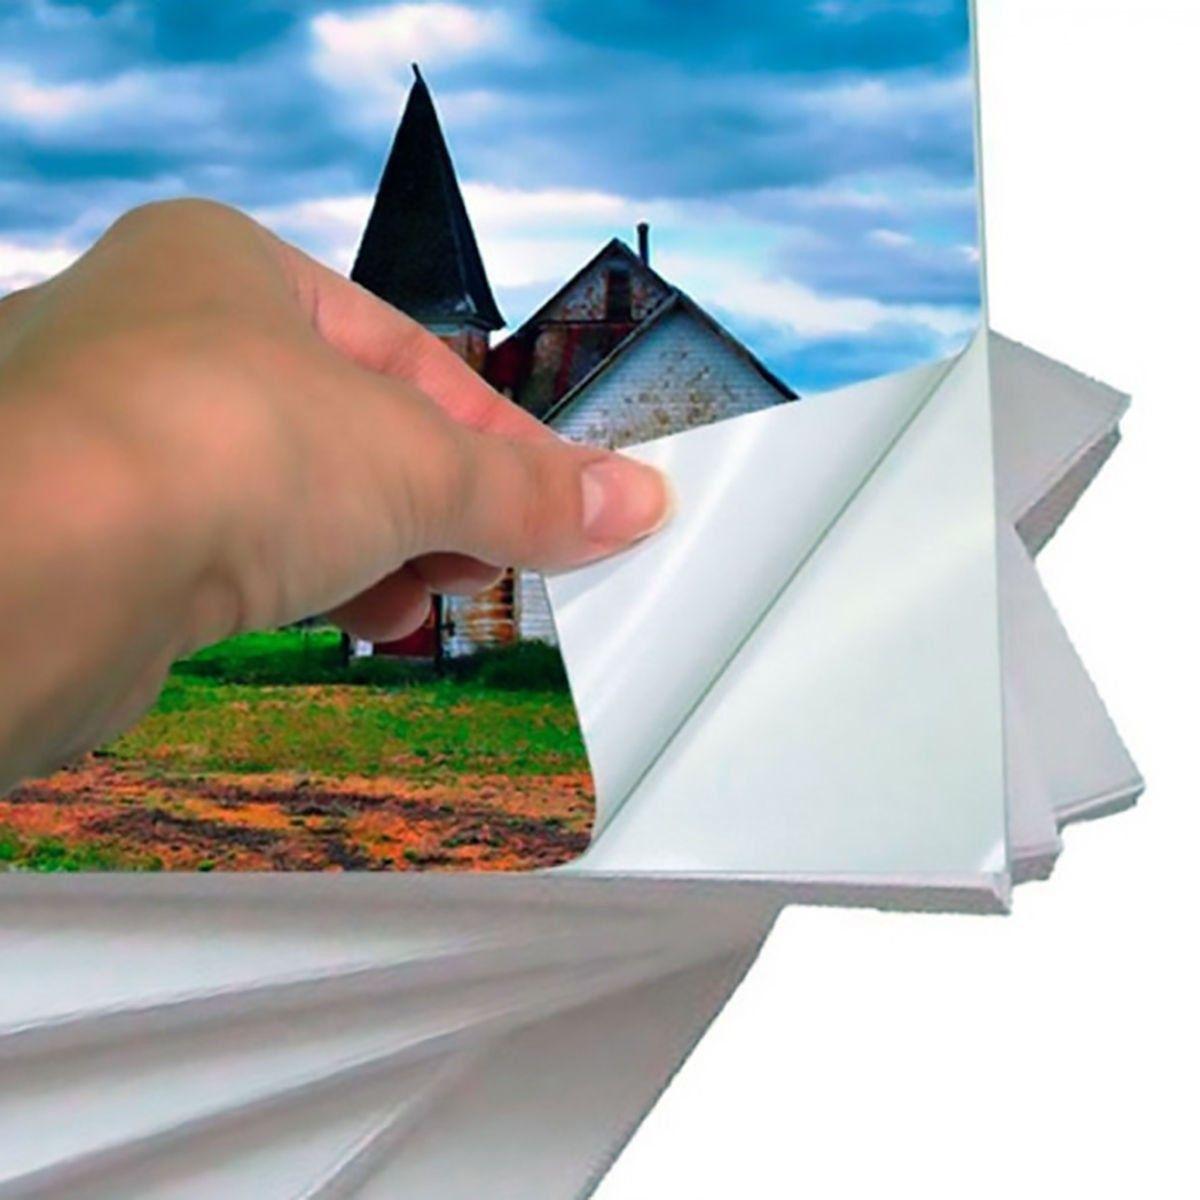 Papel Fotográfico Adesivo Glossy A4 130g Branco / 100 folhas